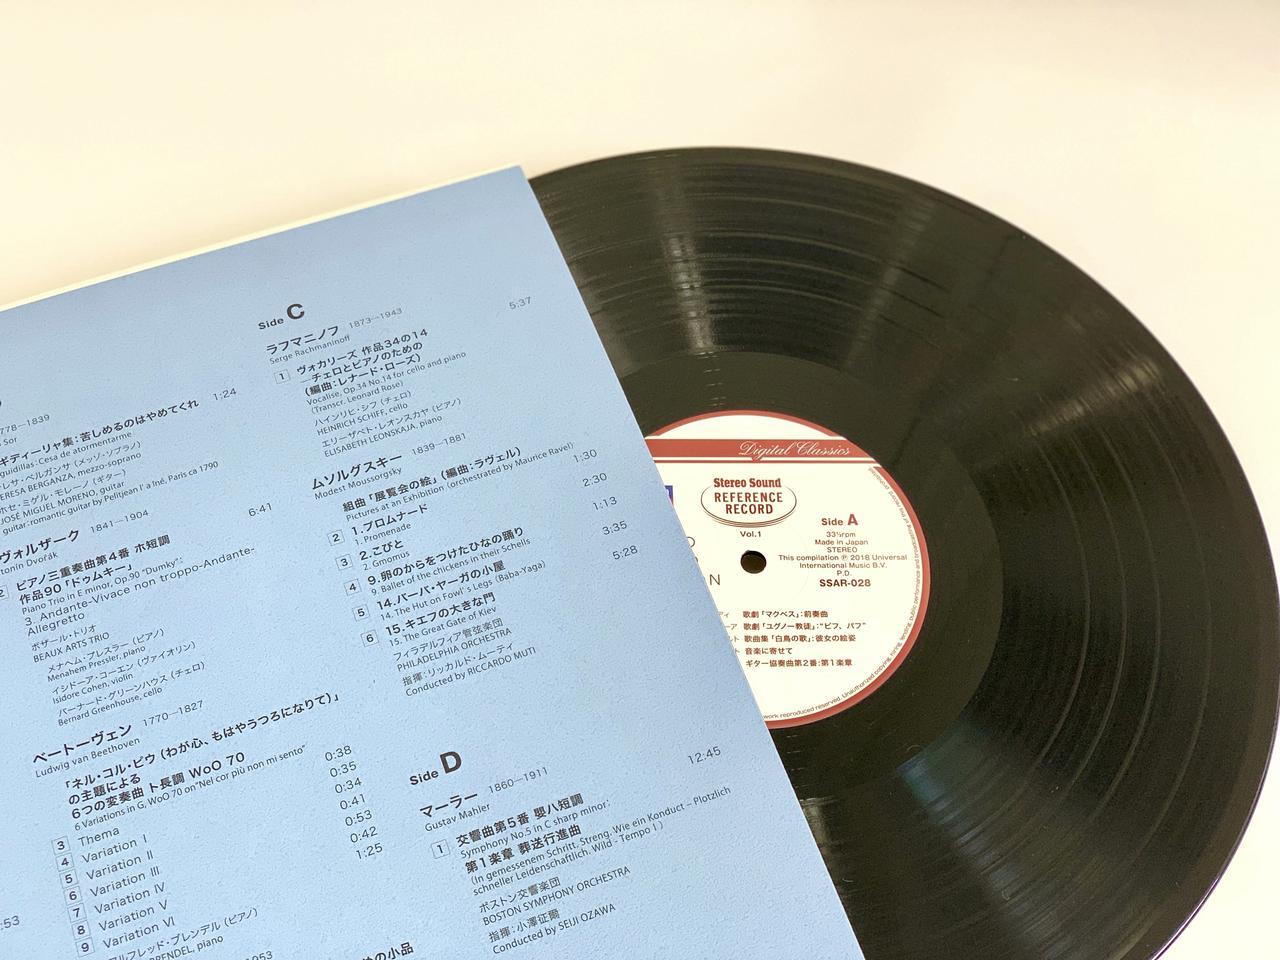 画像: 菅野沖彦選曲・構成によりリリースされたリファレンスCD。昨年、そのアナログレコード化が実現した。重量盤2枚組、装丁にも徹底してこだわった作品だ ステレオサウンド リファレンス・レコード Vol.1 www.stereosound-store.jp